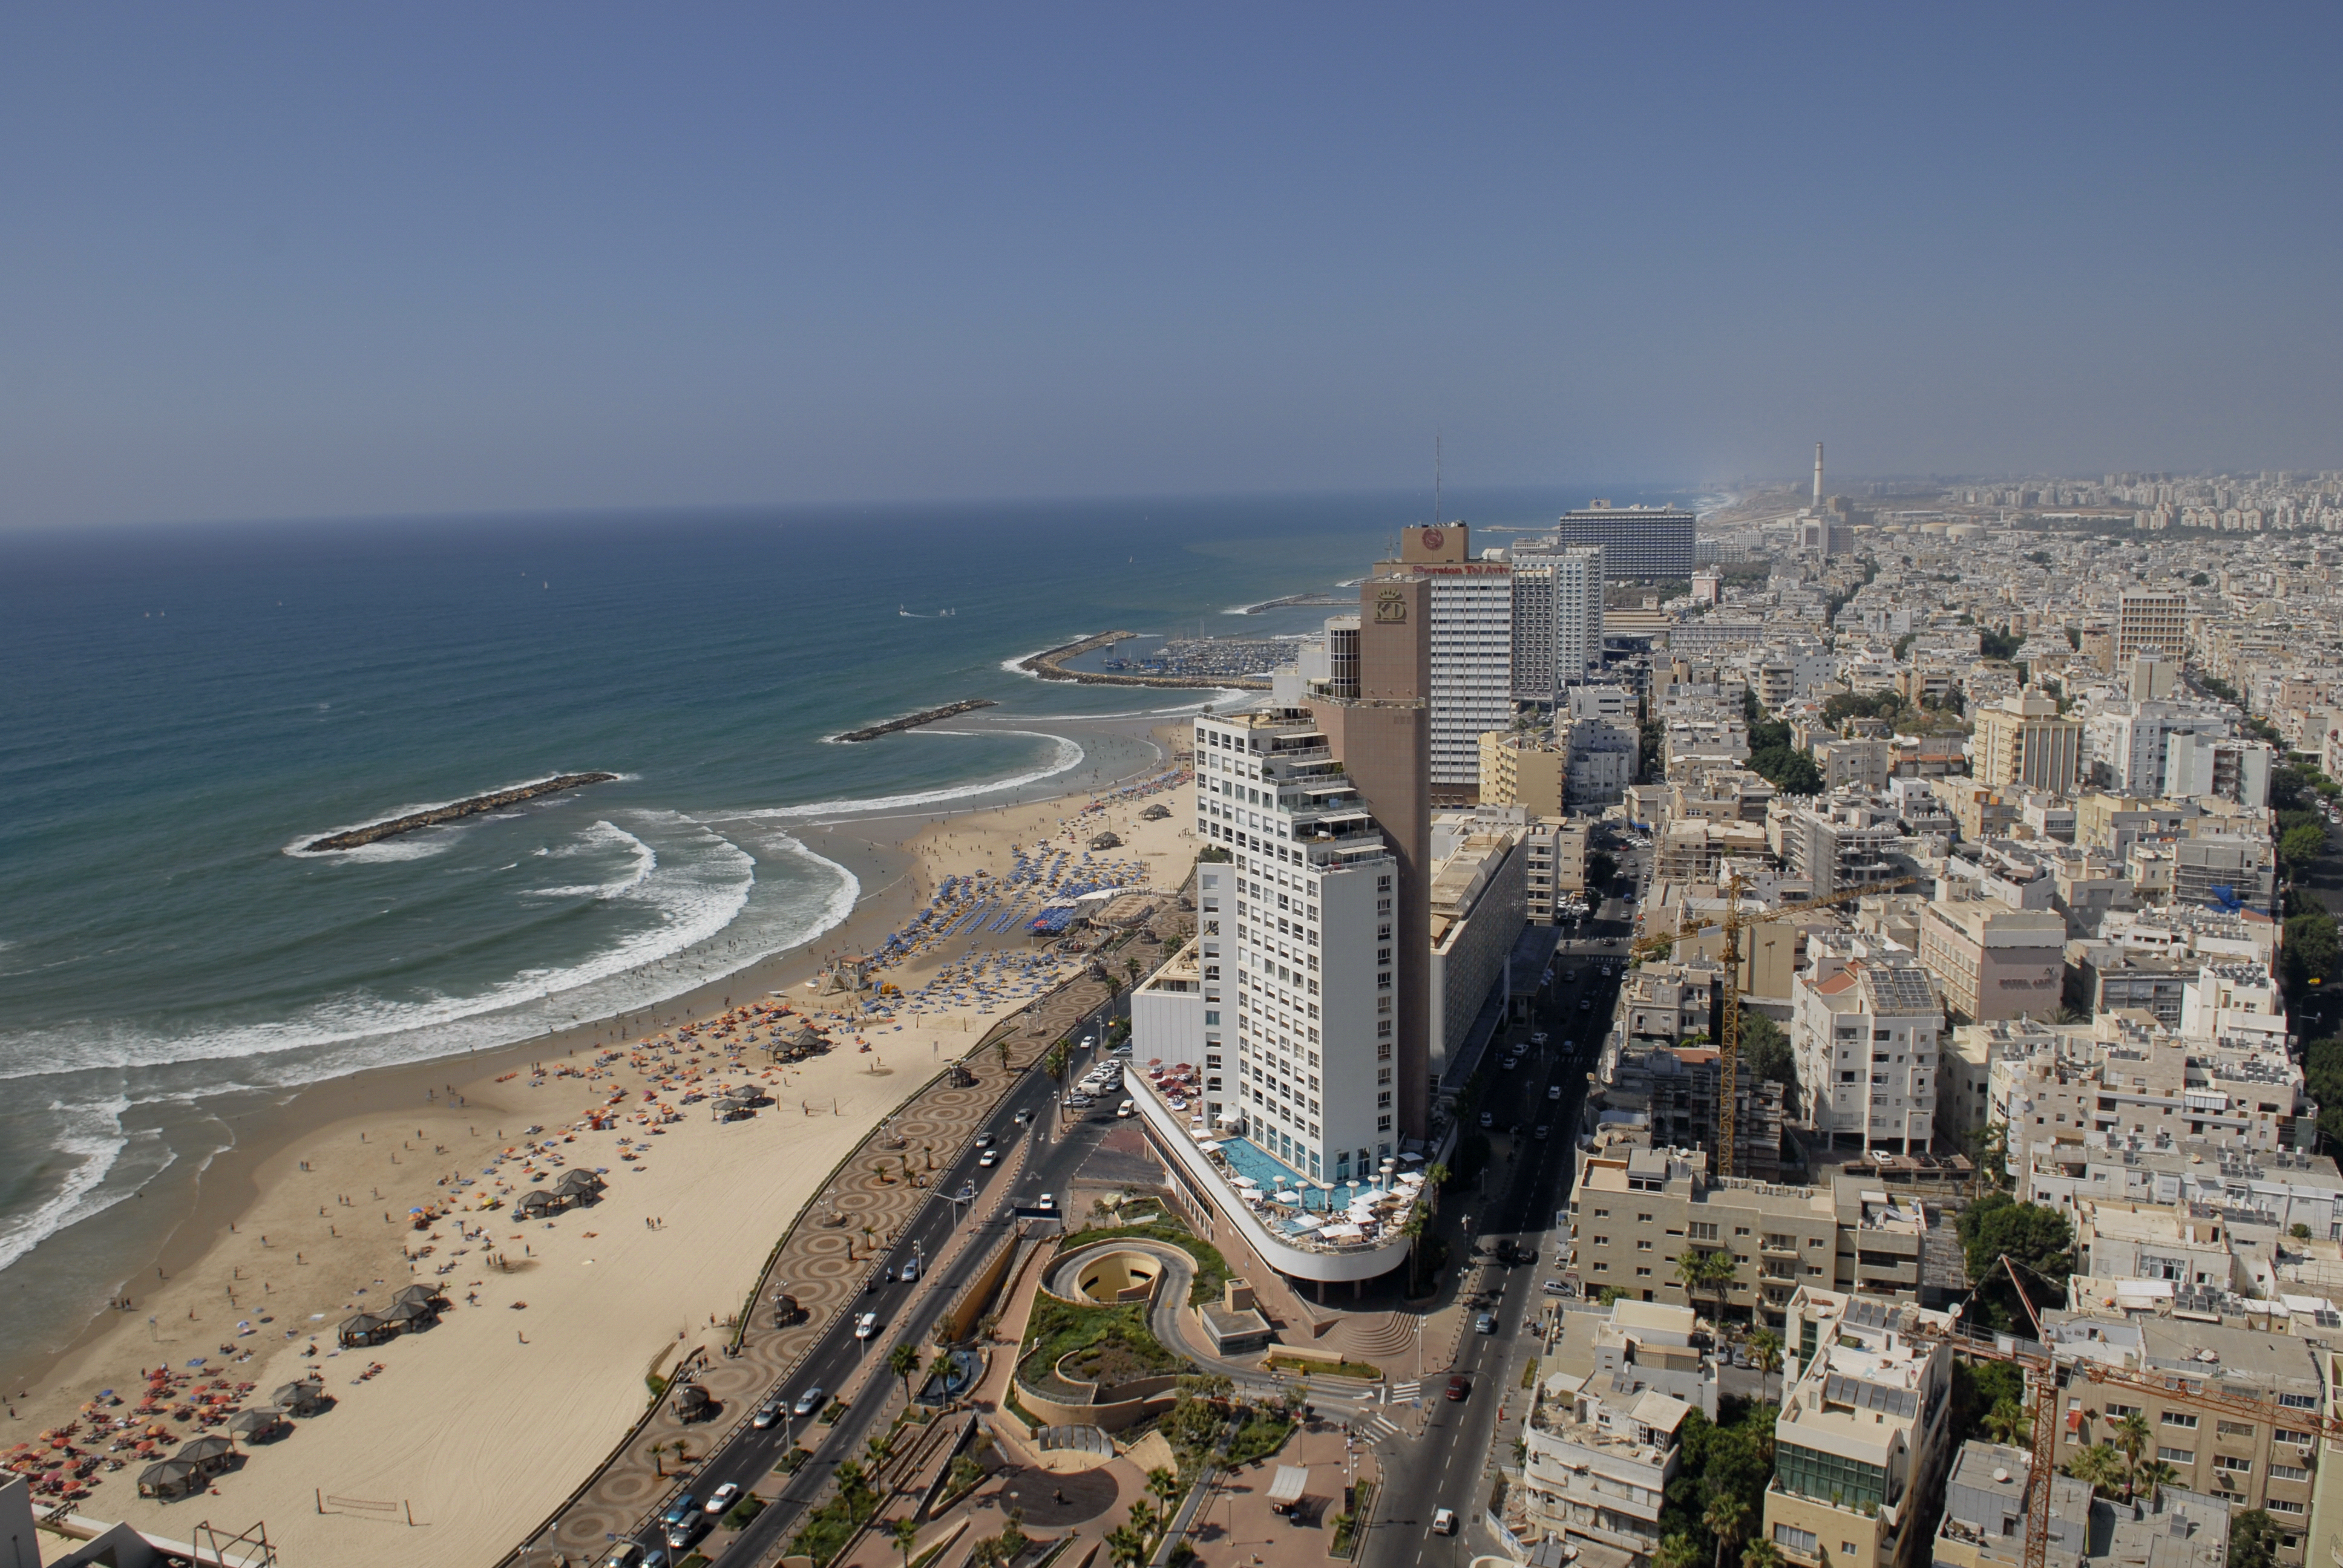 File:080718 Tel Aviv (06).jpg - Wikimedia Commons